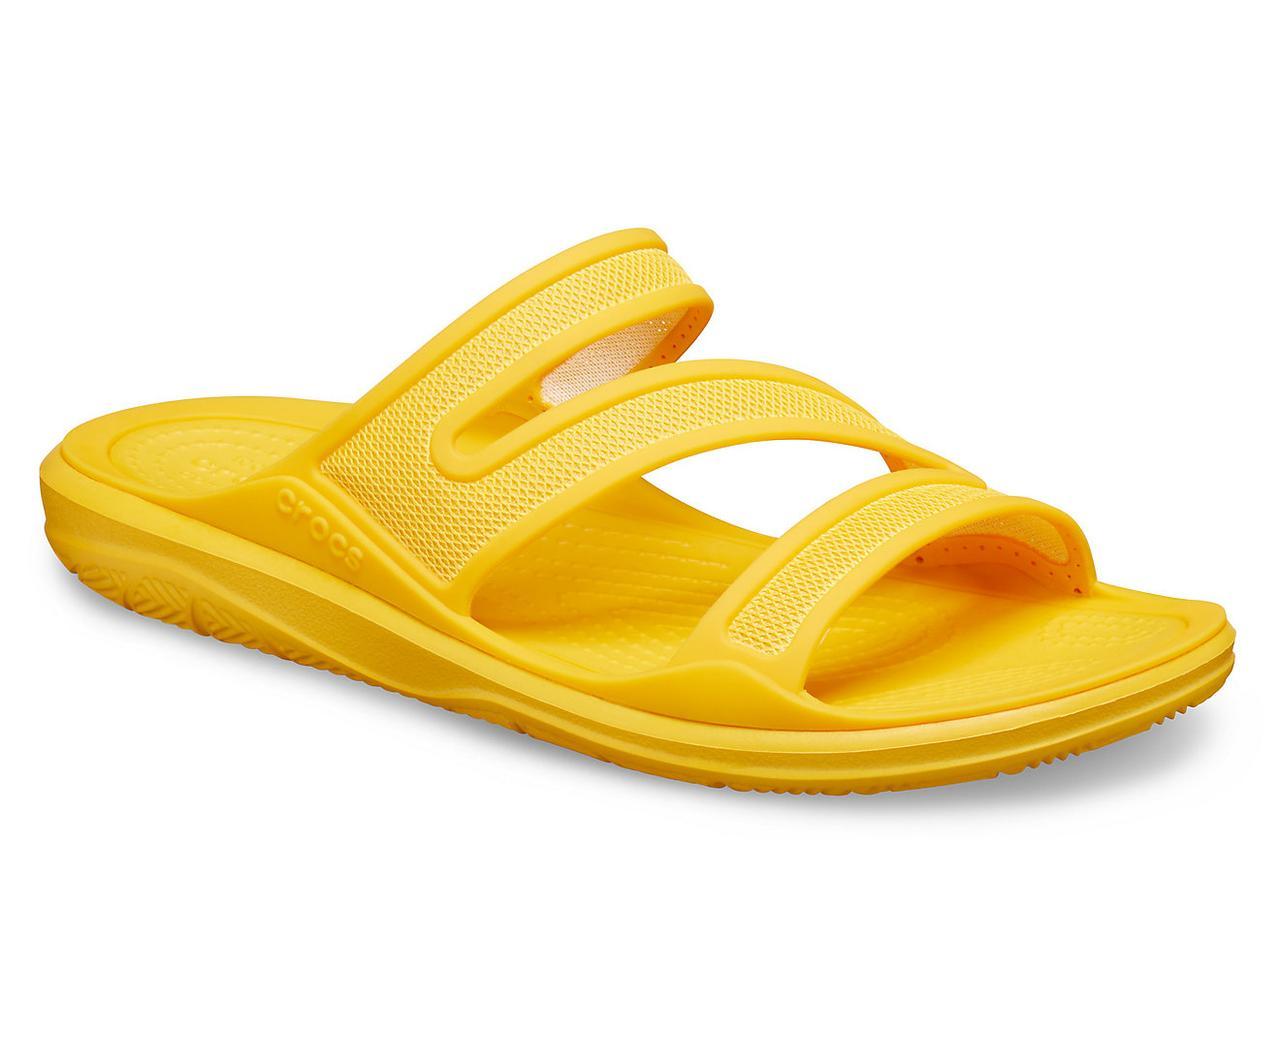 Шльопанці жіночі сандалі Крокси оригінал / Crocs women's Swiftwater Telluride Sandal (206334), Жовті